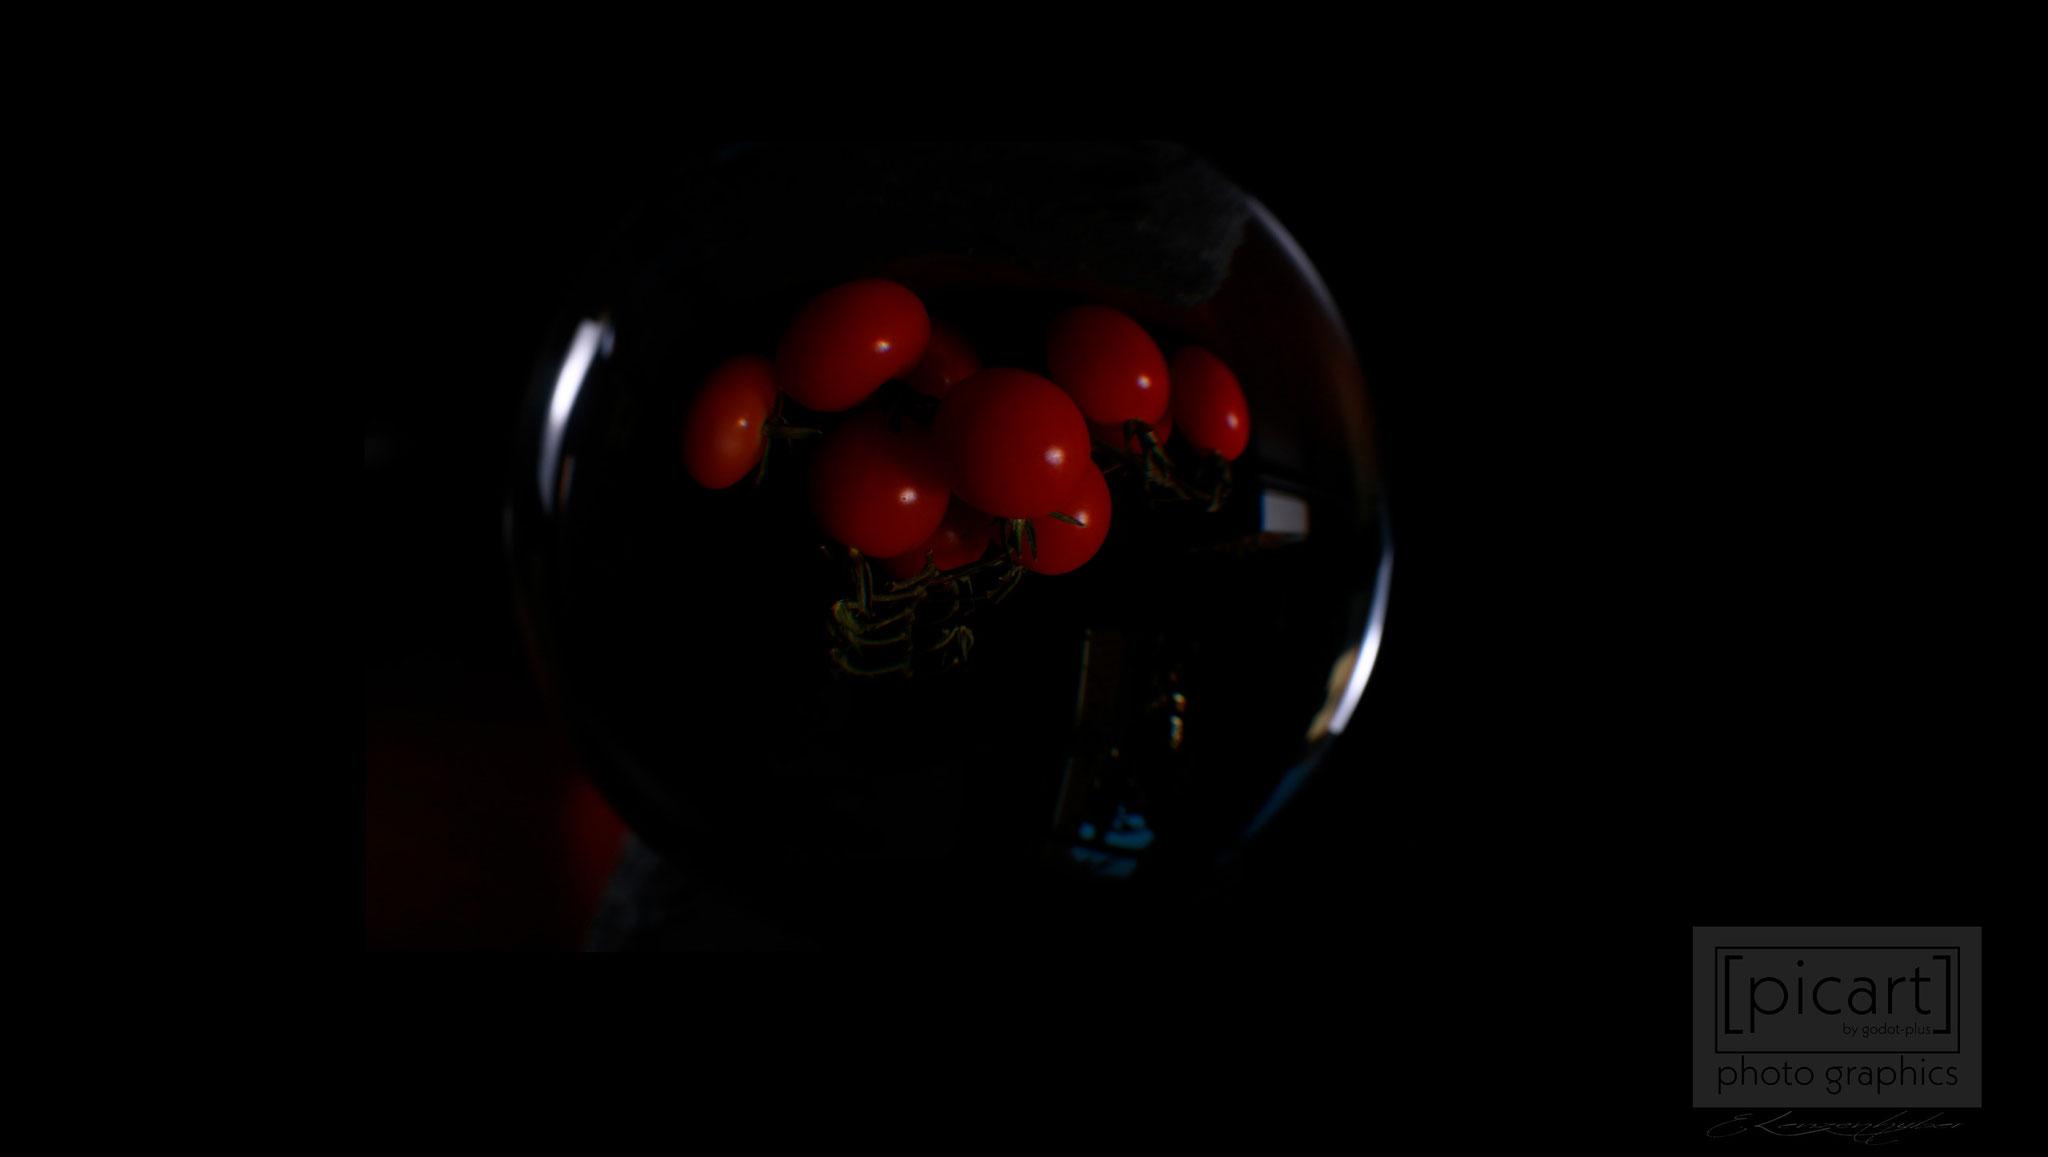 Bestellnummer: LK011  |  Experimentelle Low Key-Fotografie – Tomaten in Glaskugel © [:picart]by godot-plus, Eva Lenzenhuber